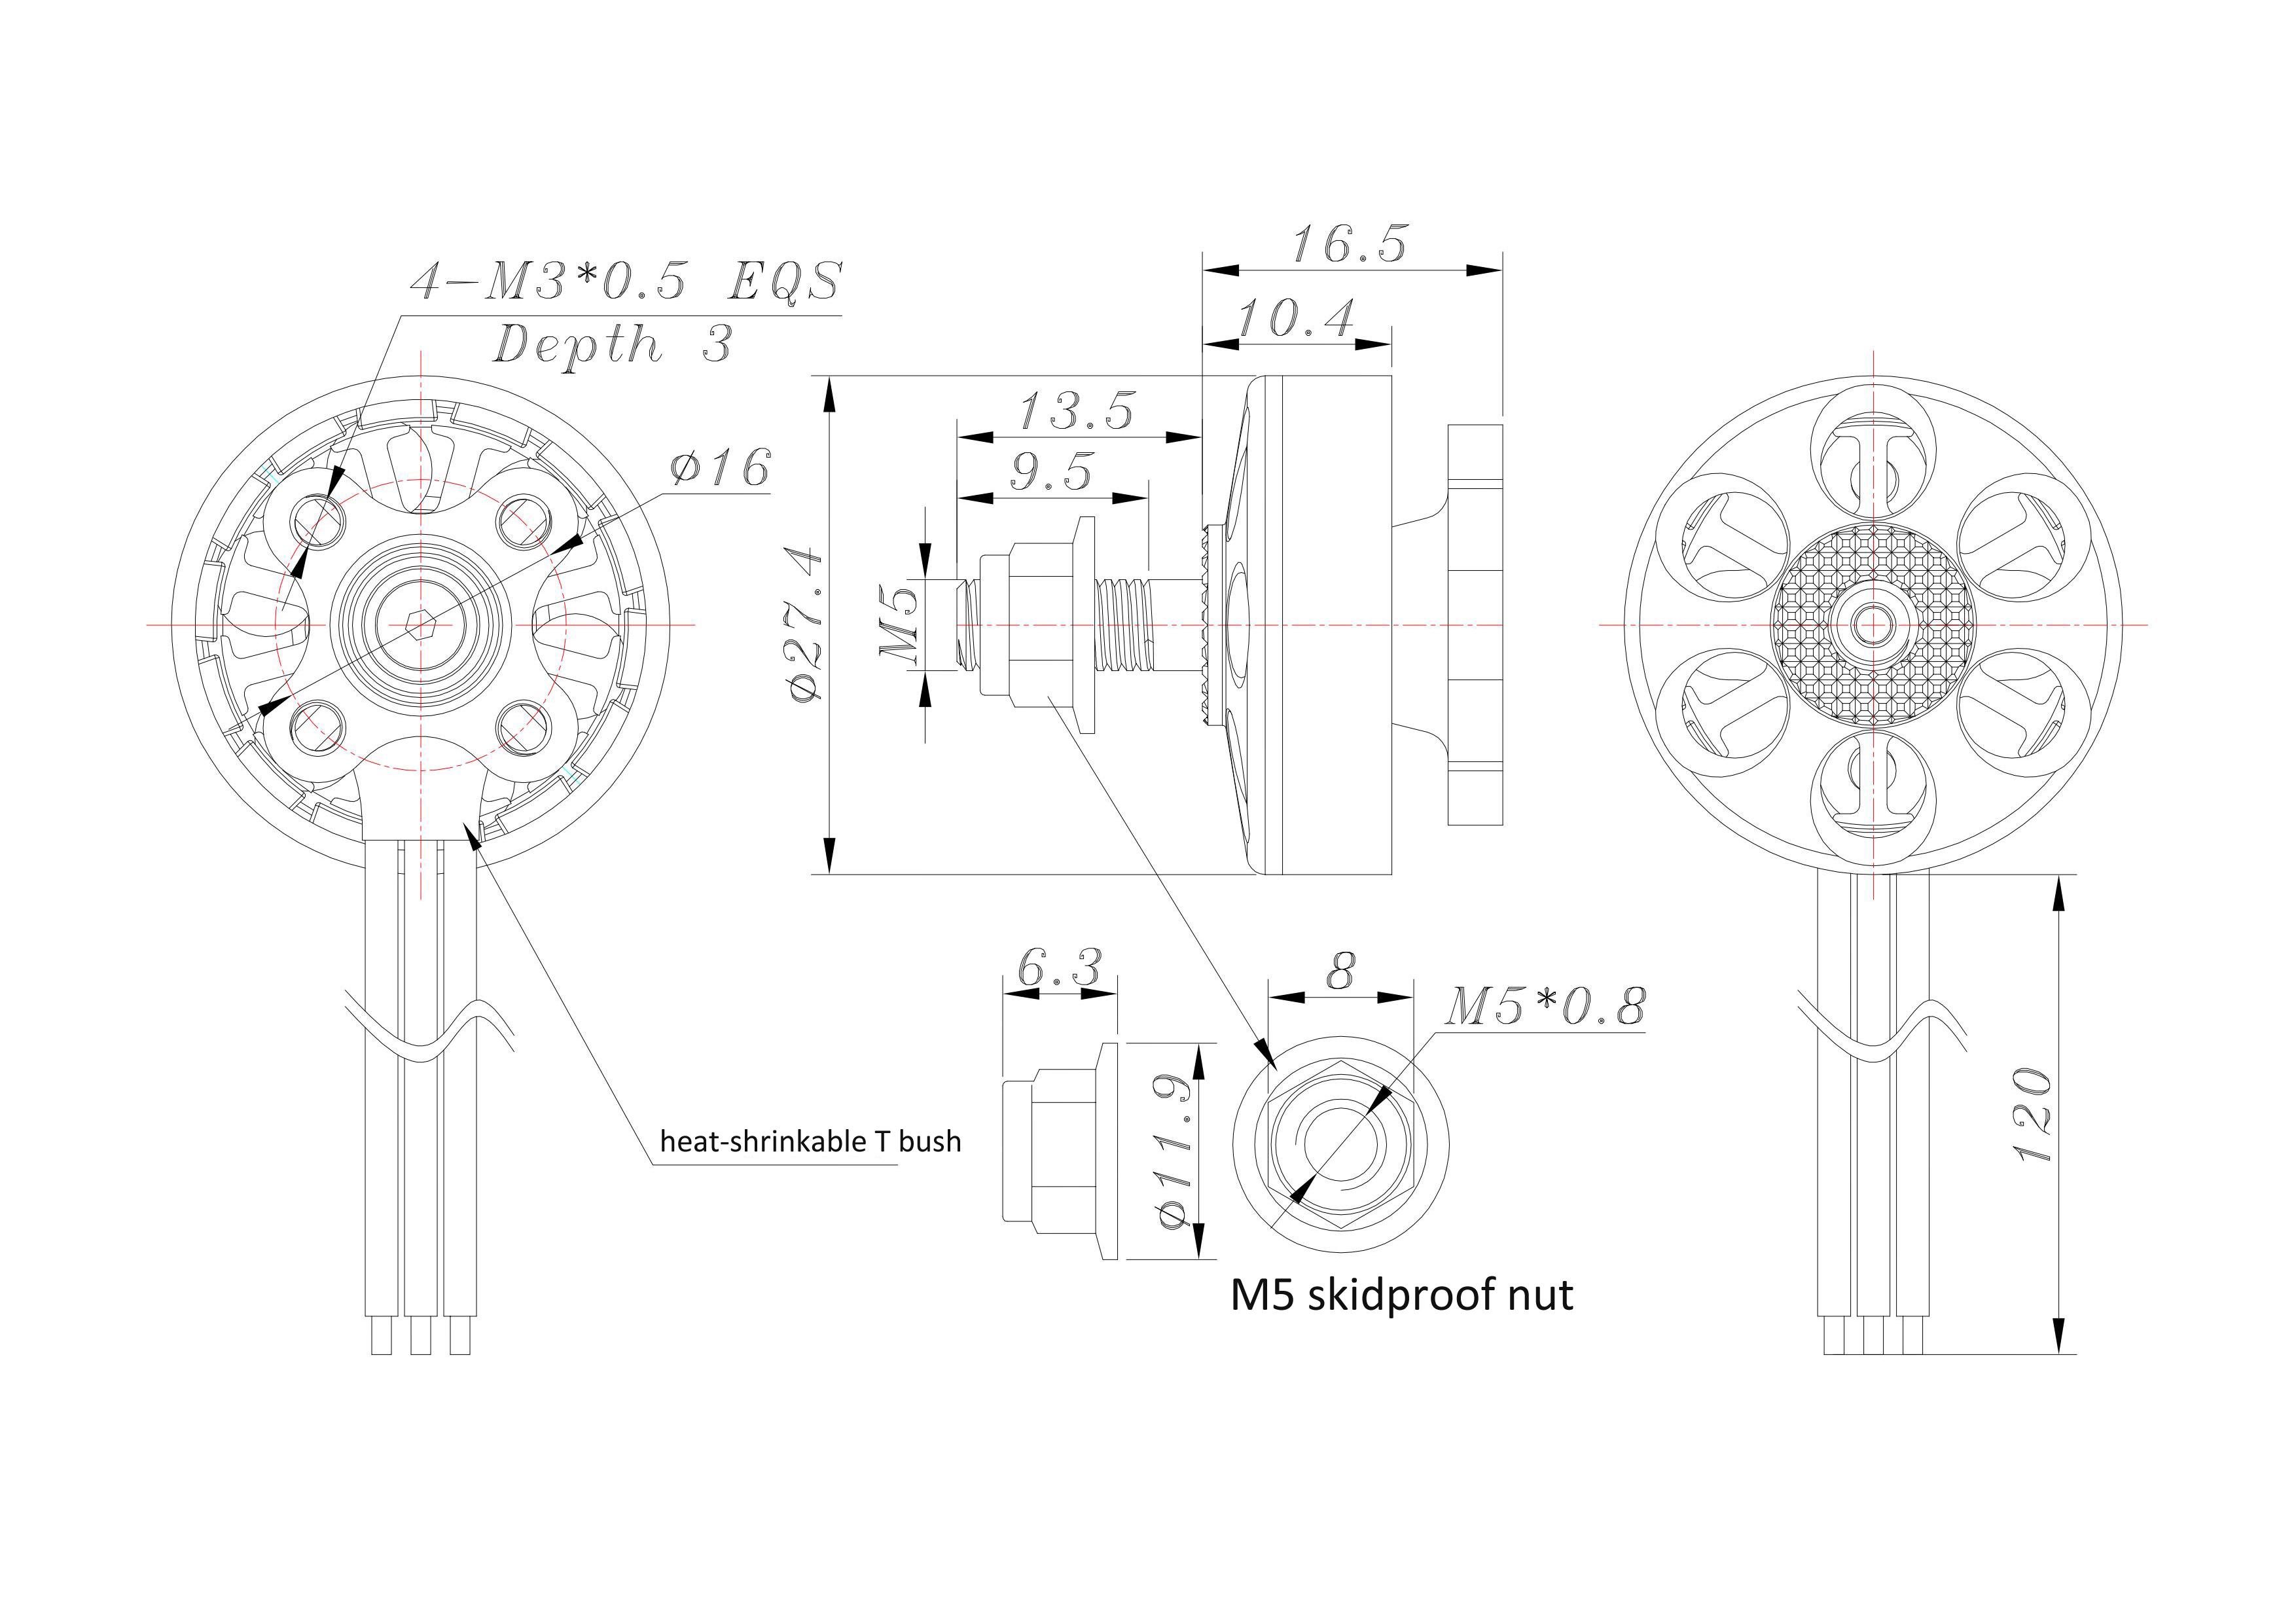 kv brushless motor chart wiring diagram database sunnysky r brushless motor kv 3 4s for rc